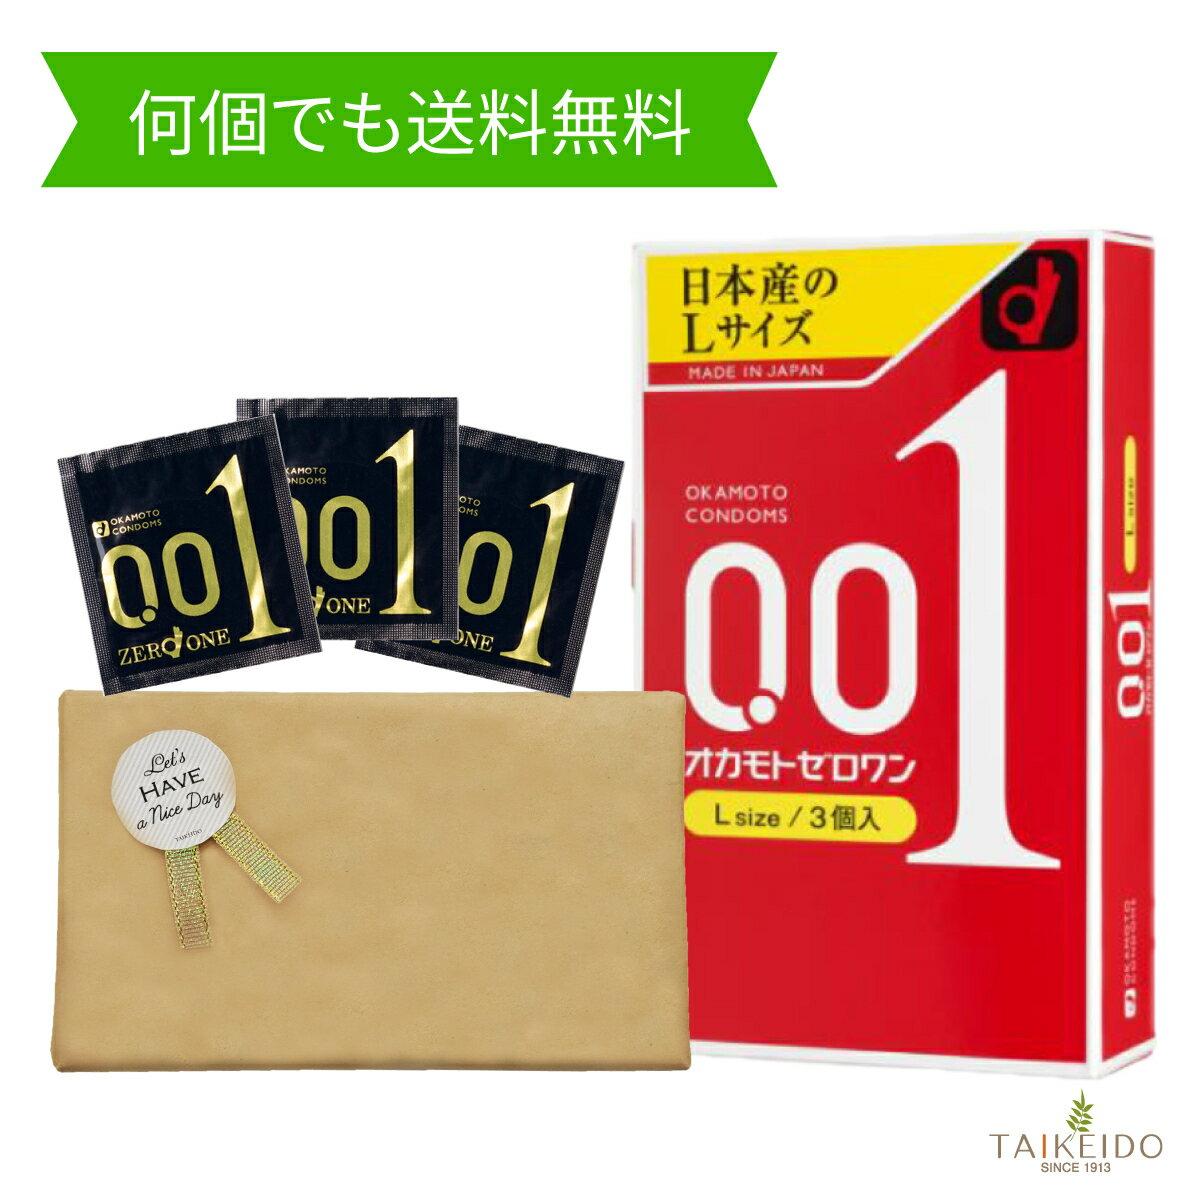 【クリックポストでお届けします】 Lサイズ コンドーム オカモト ゼロワン うすい ゴム 安全 避妊 0.01 3個入り 安全套 避孕套 套套 中身が見えない 何個でも送料無料